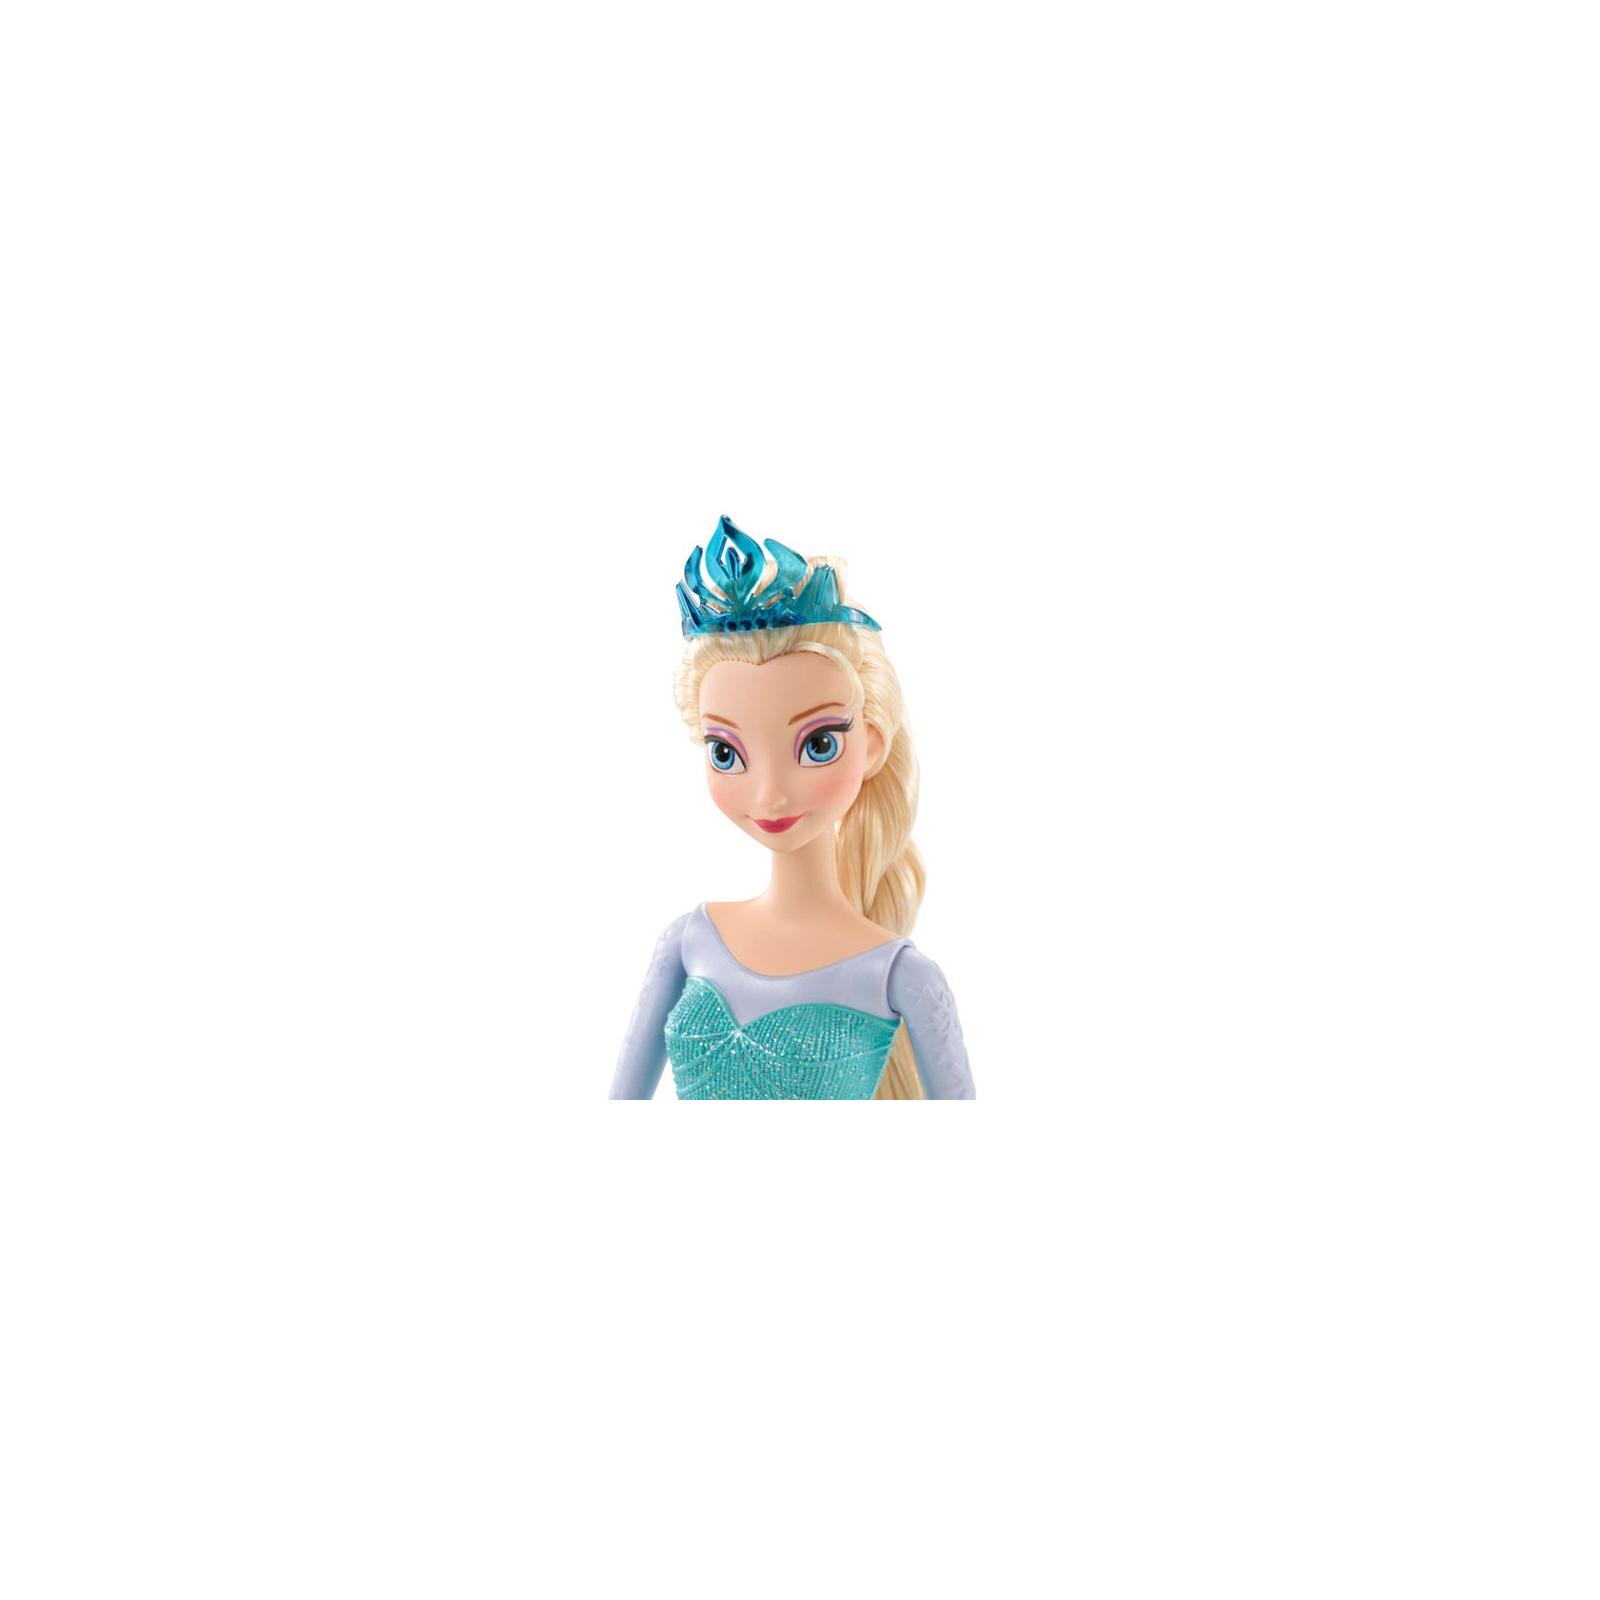 Кукла Mattel Эльза Сказочная Принцесса Дисней из м/ф Ледяное сердце (CJX74-2) изображение 2